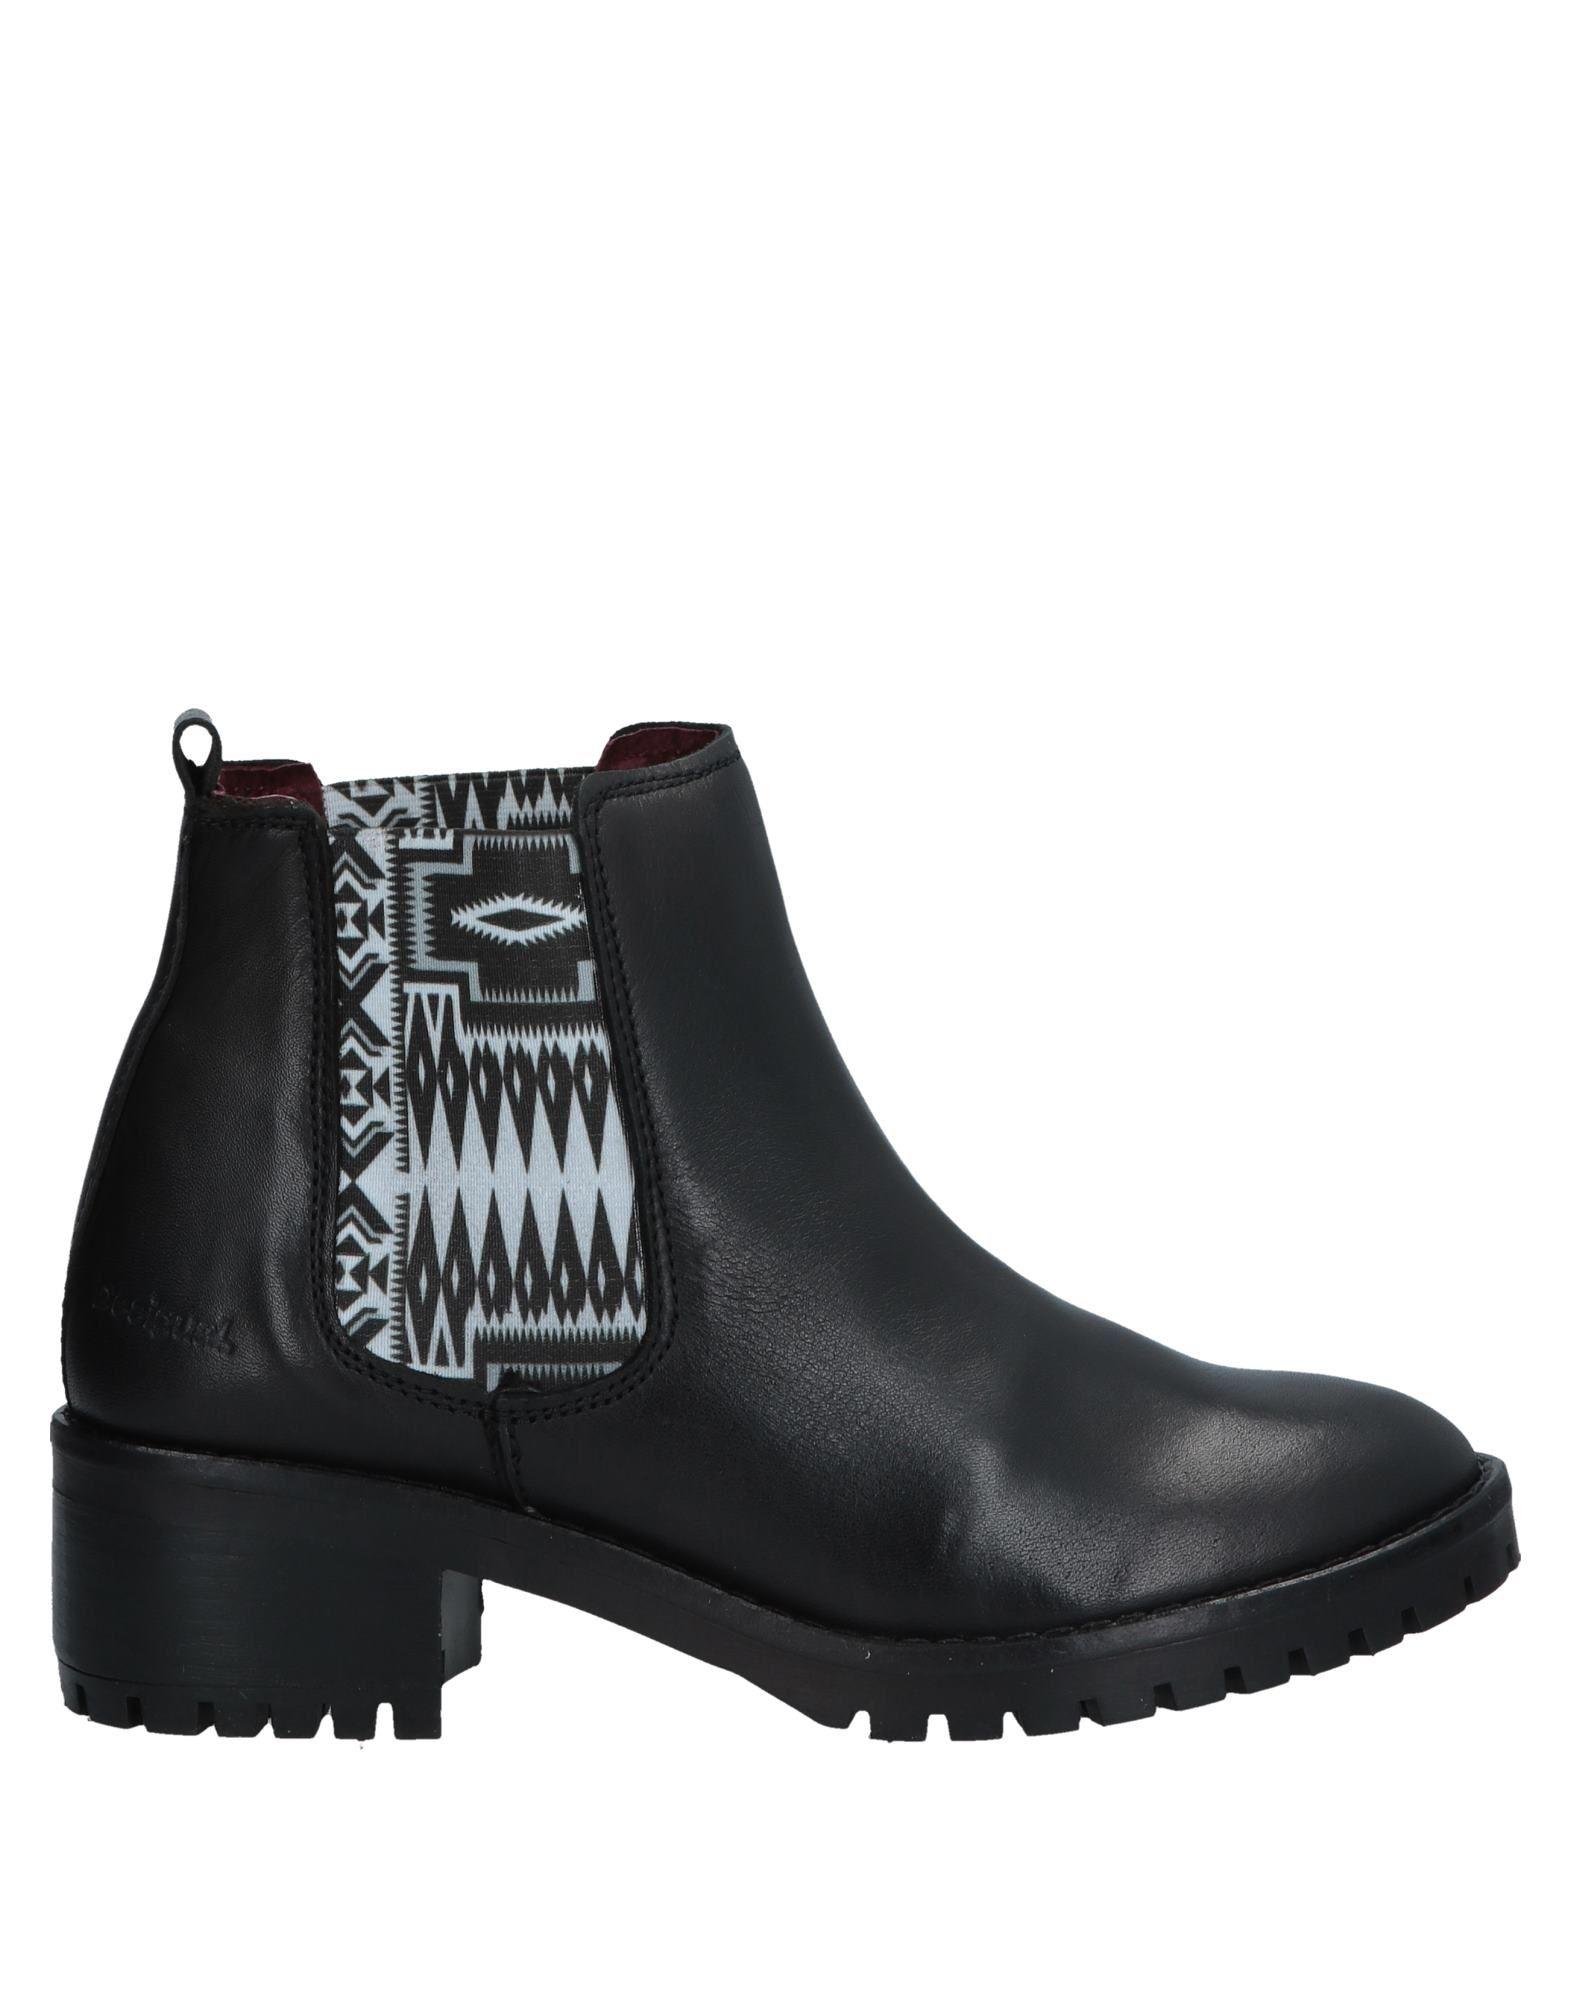 《送料無料》DESIGUAL レディース ショートブーツ ブラック 36 革